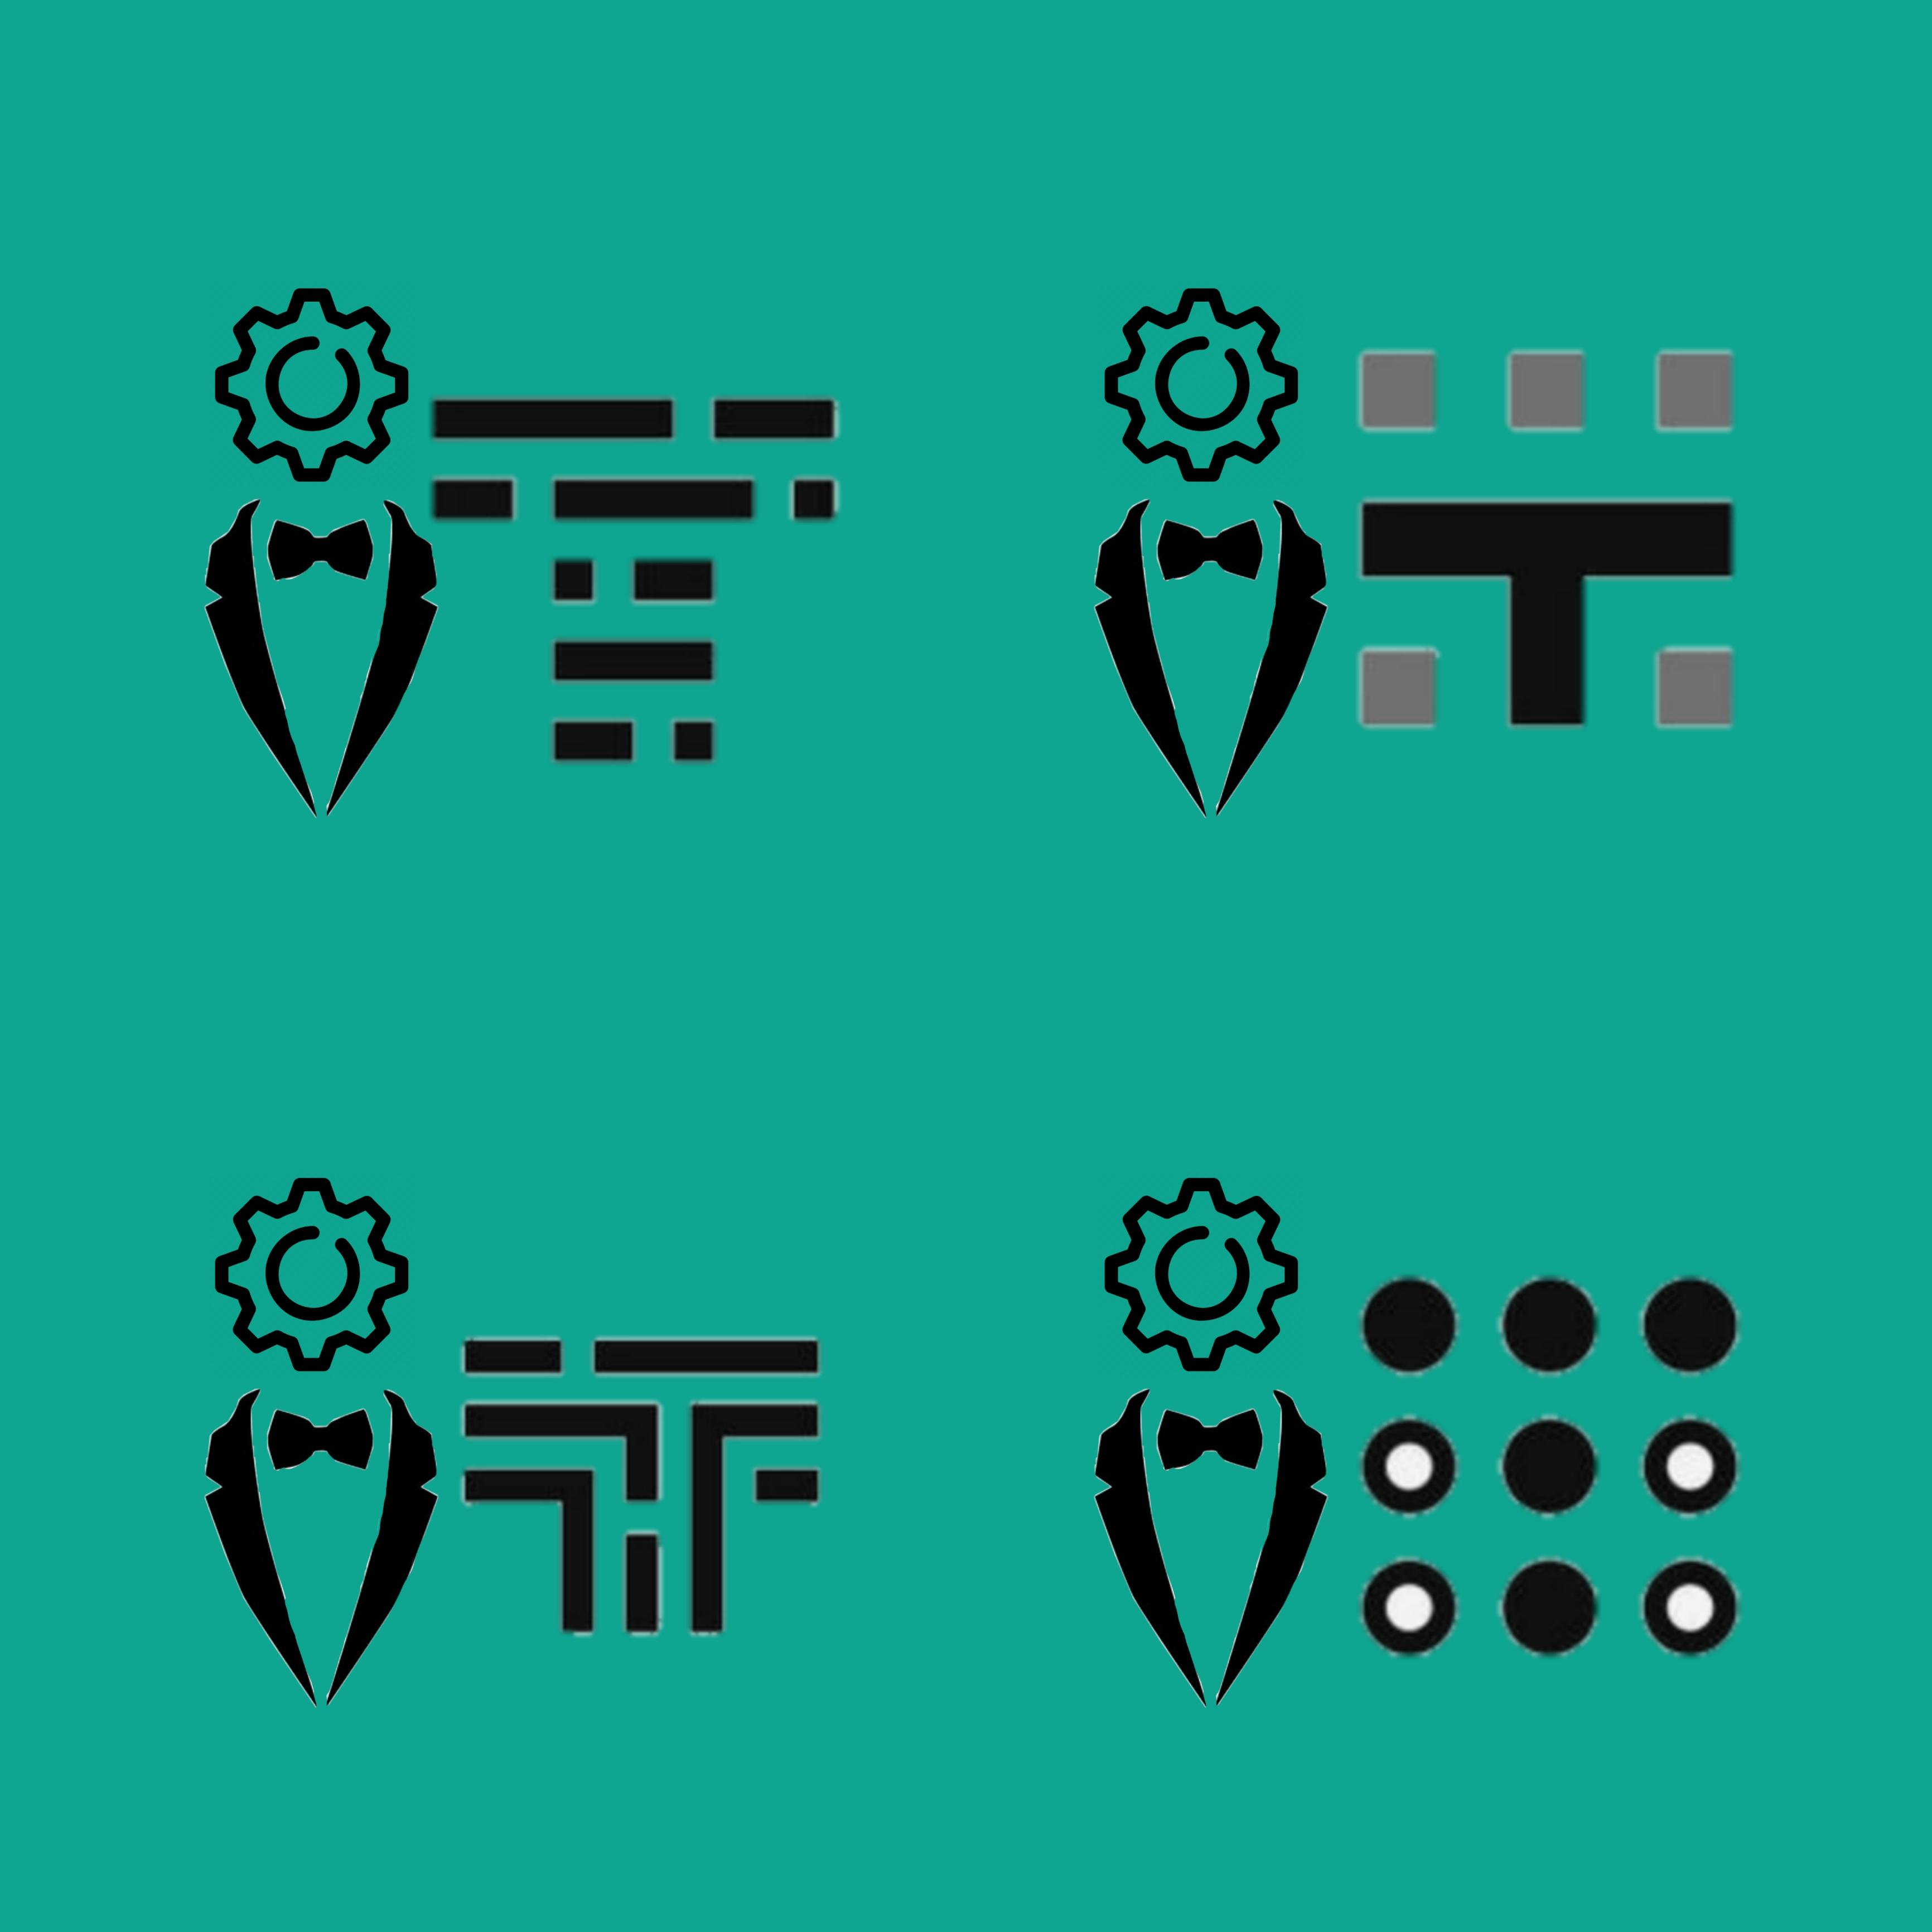 Логотип для IT интегратора фото f_584614cca7d71cba.jpg